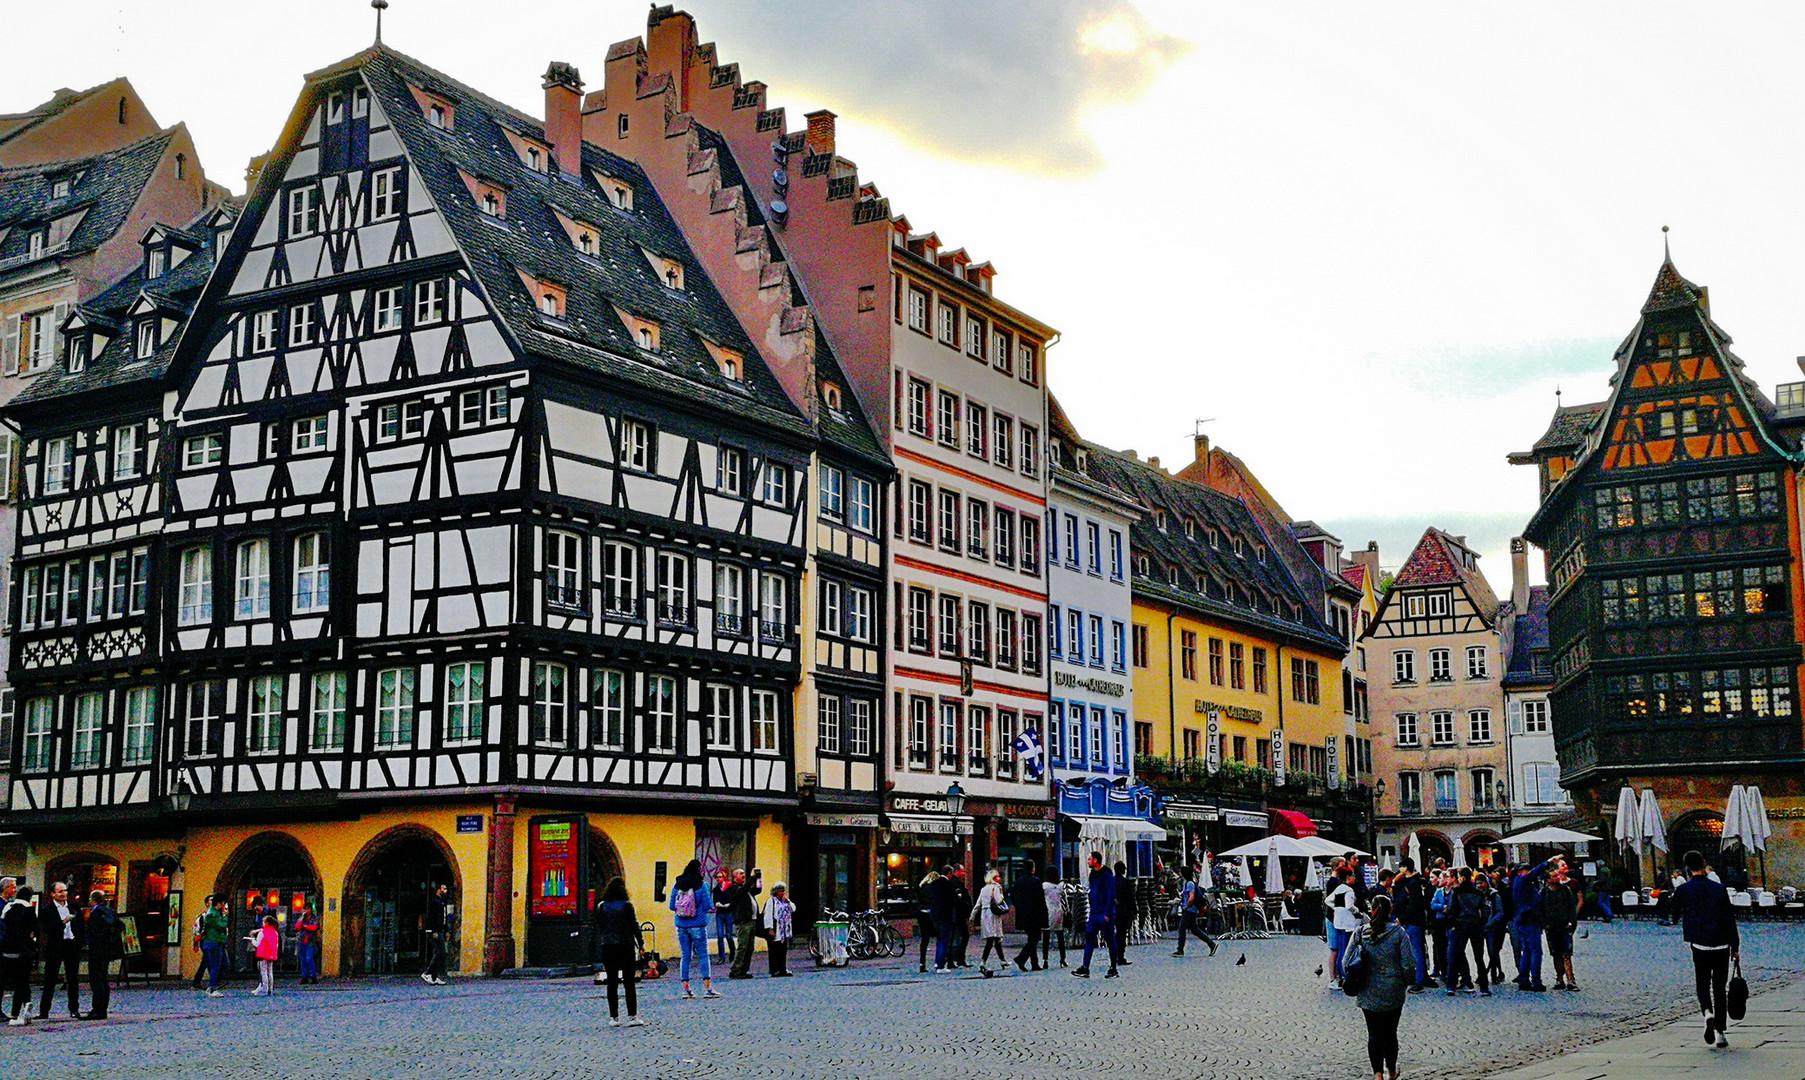 Центральная площадь, Страсбург